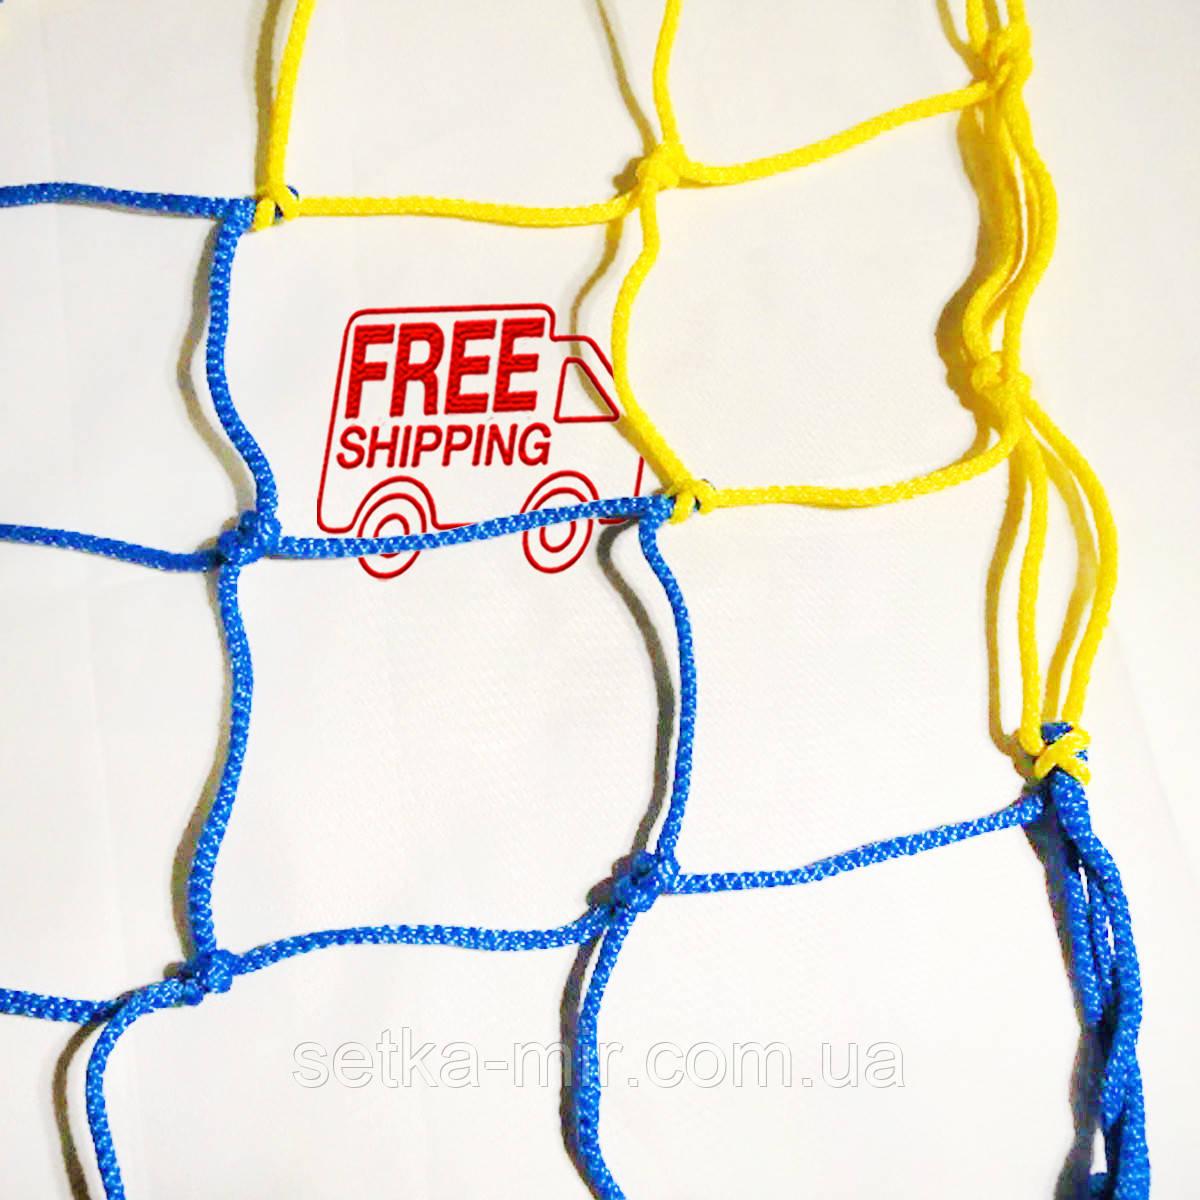 Сітка для футболу підвищеної міцності «ЕЛІТ» жовто-синя (комплект 2 шт)